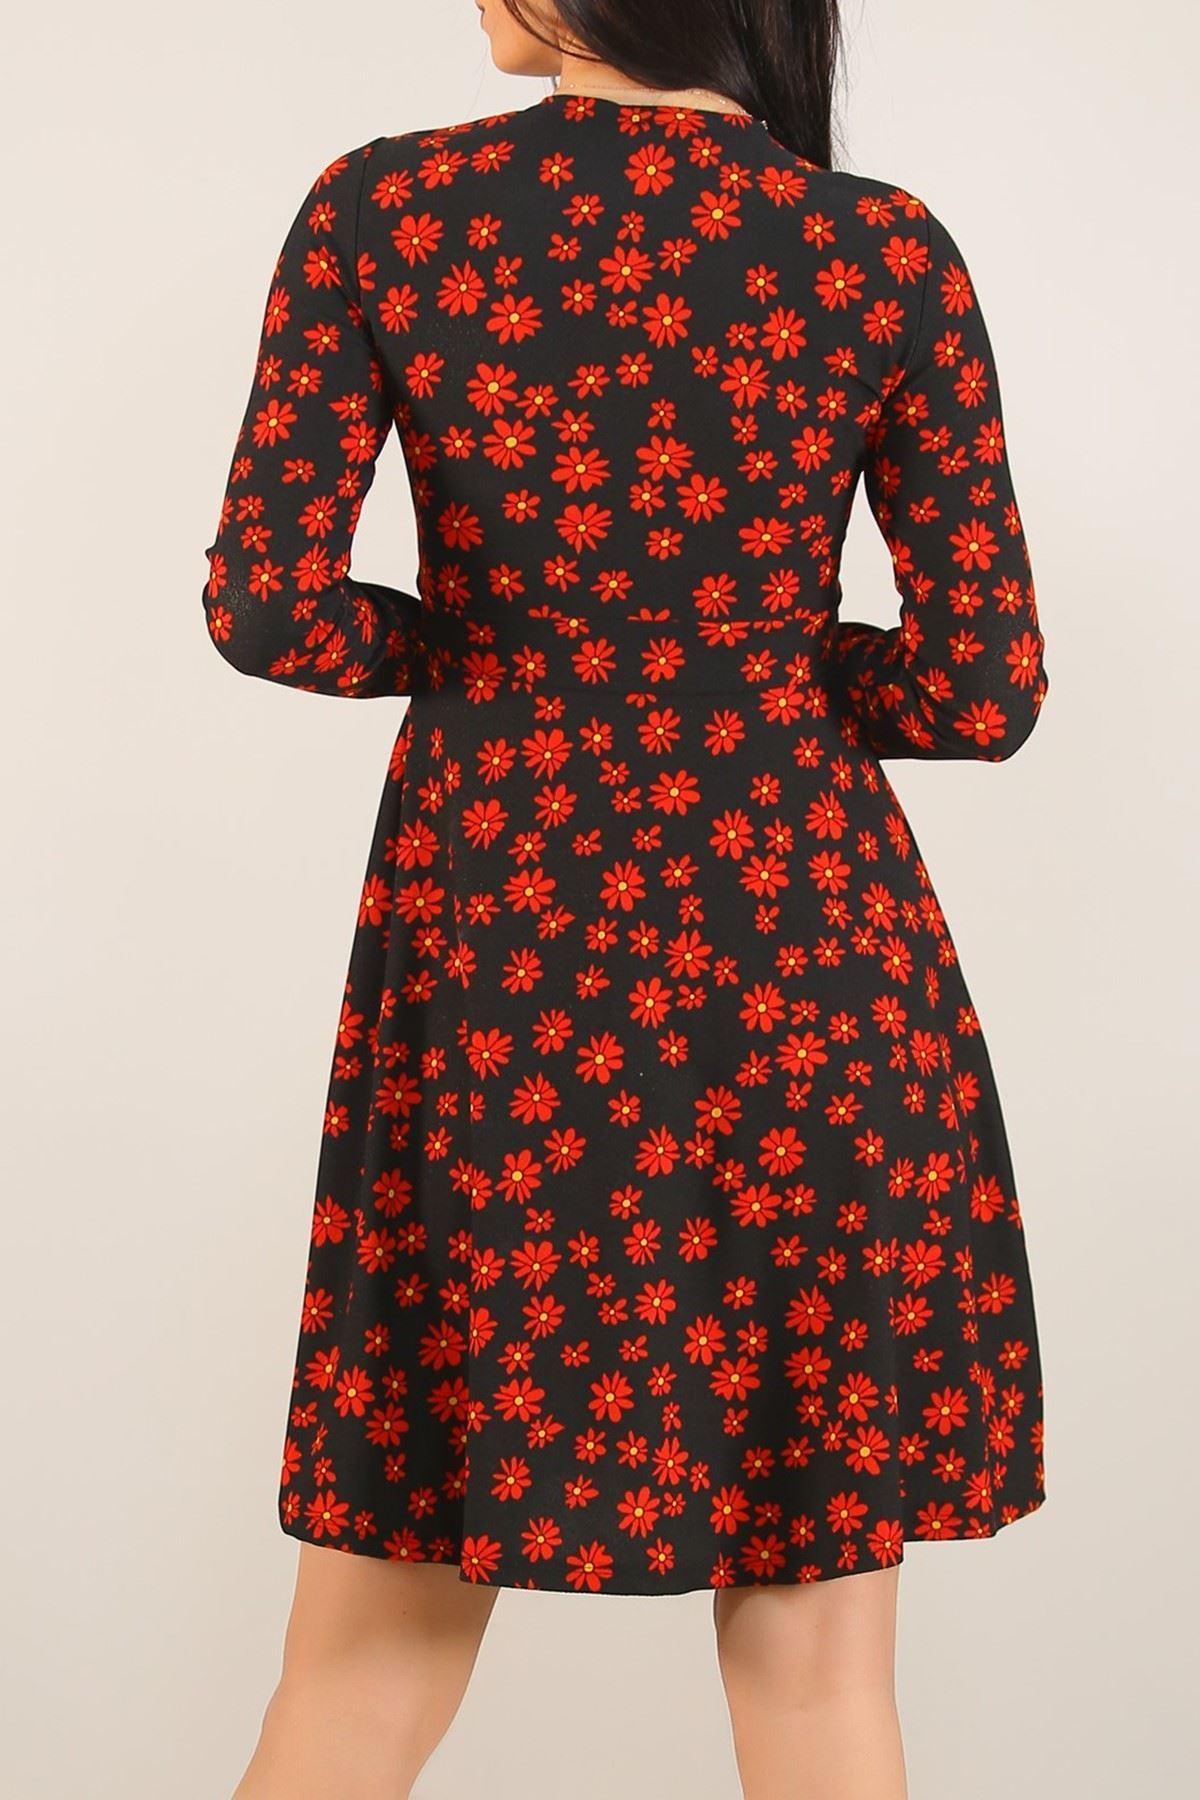 Desenli Elbise Siyahkırmızı - 4986.716.